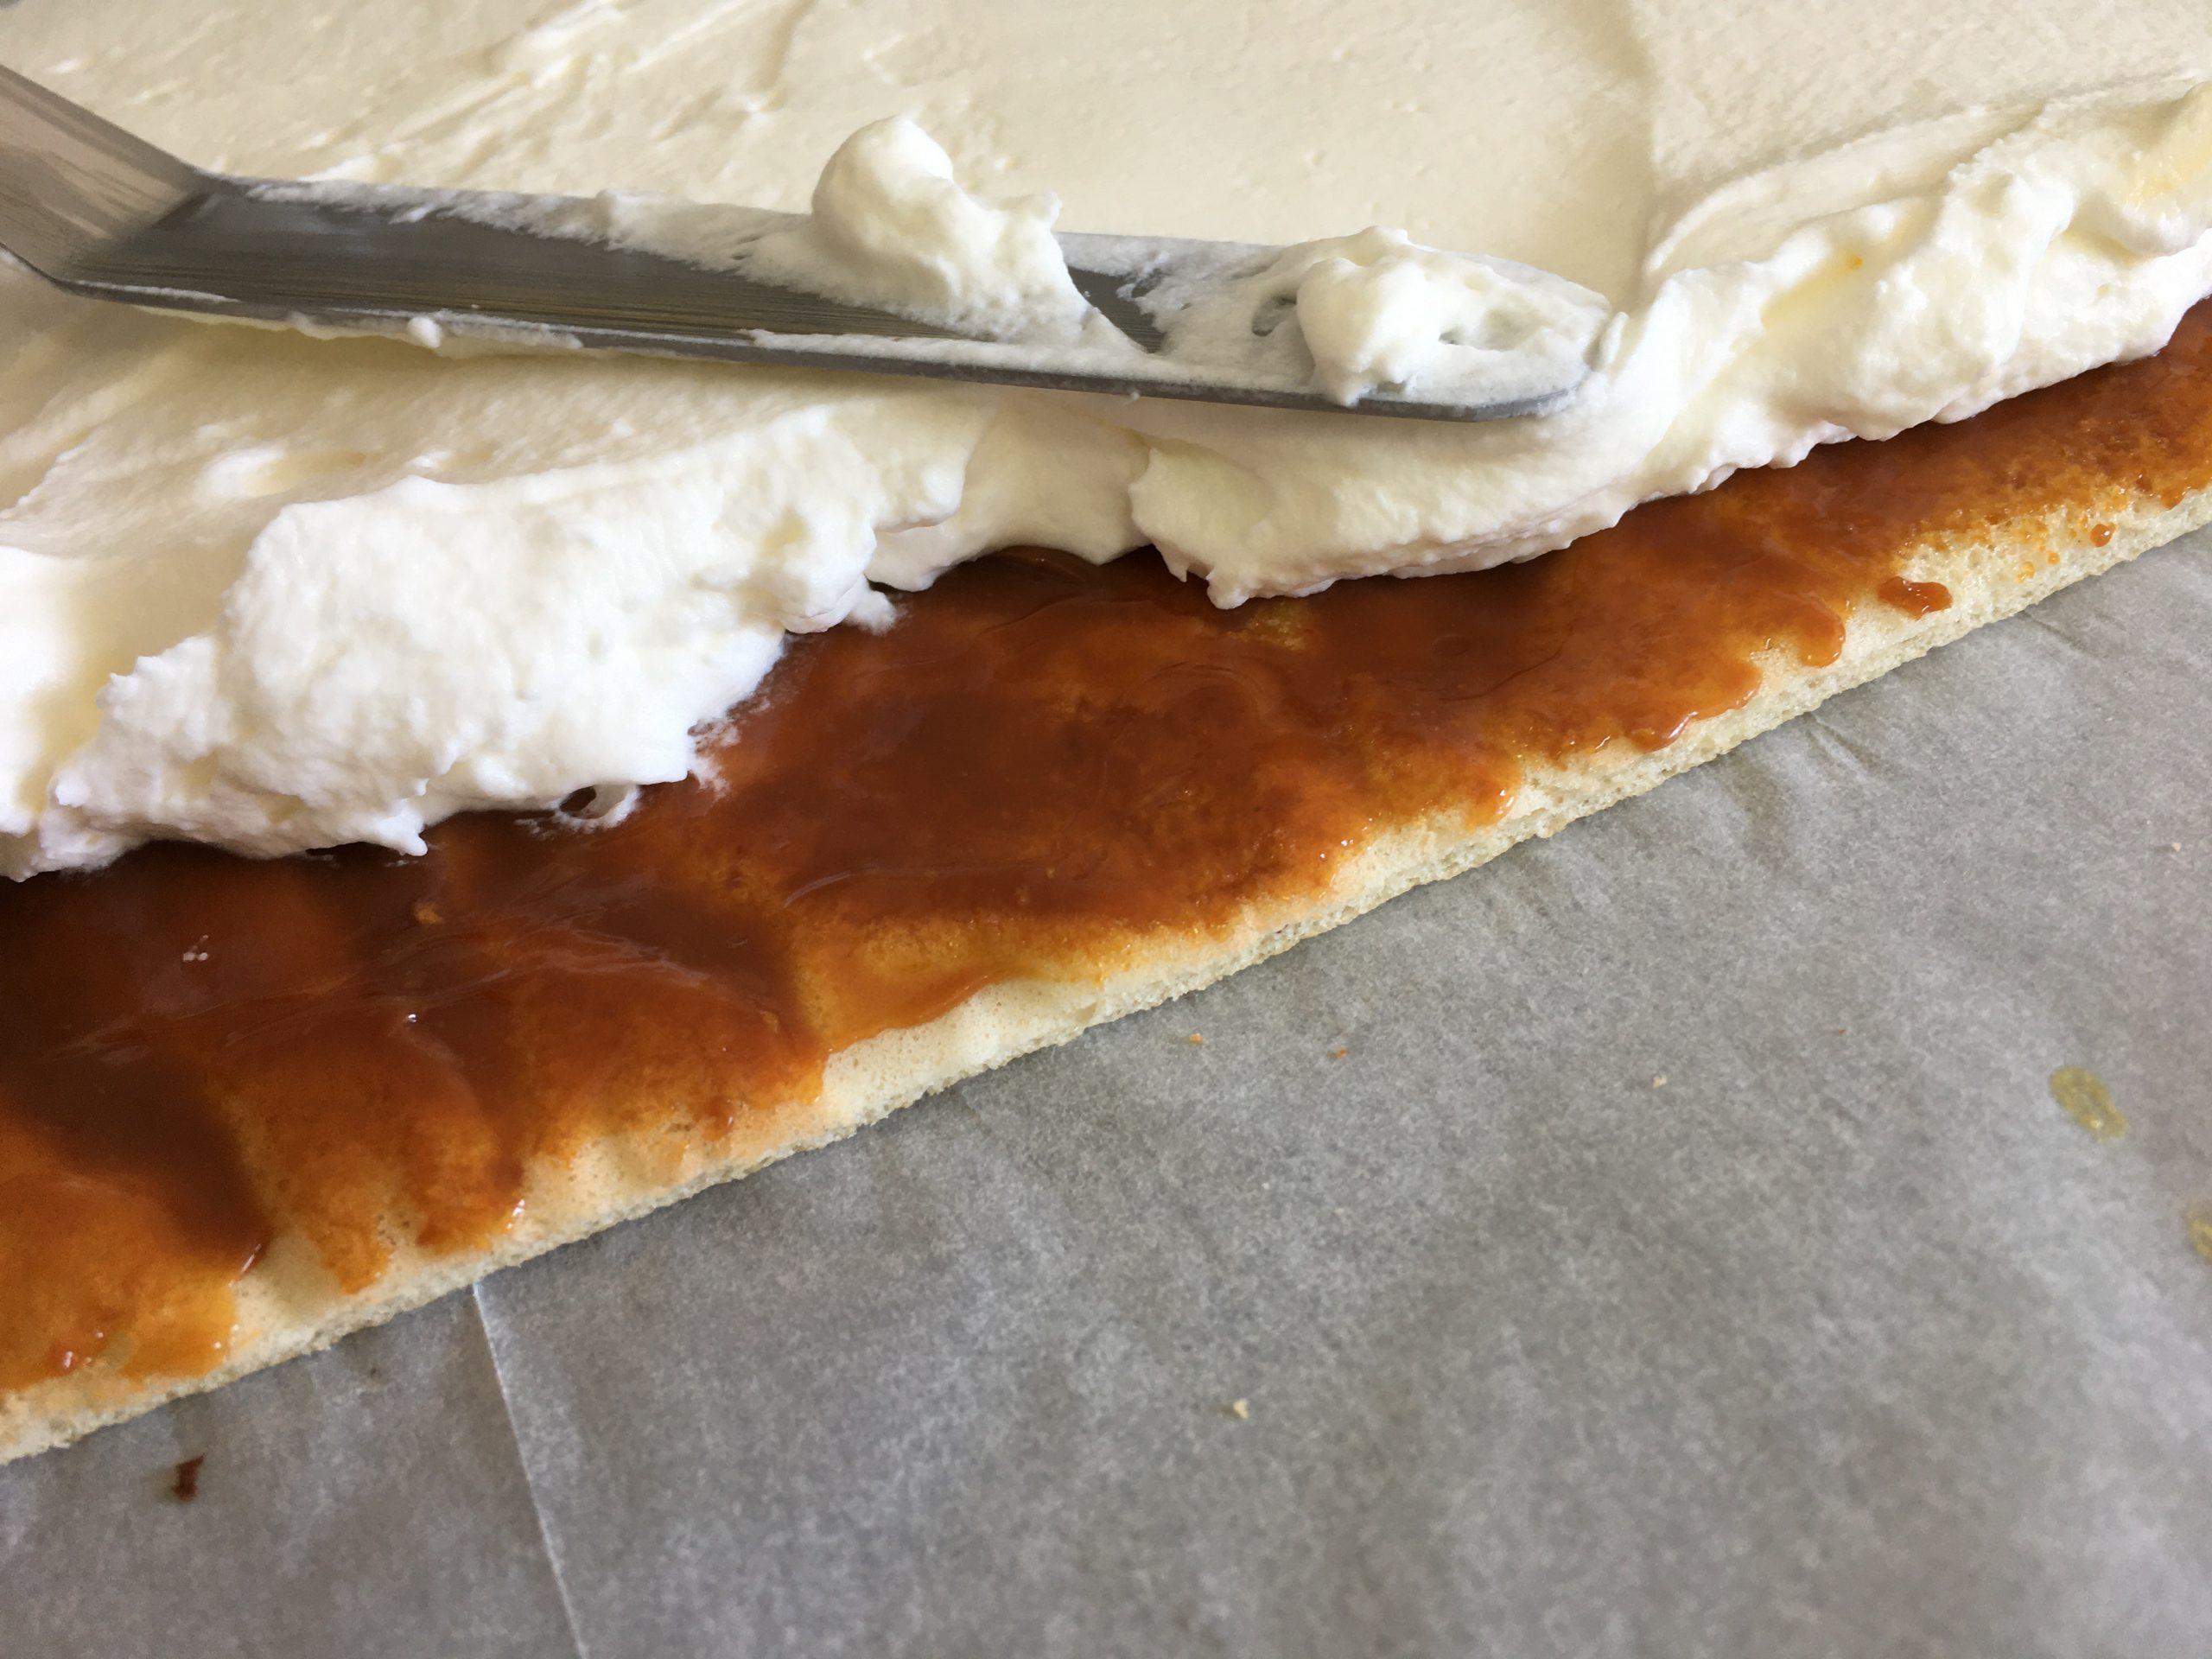 מורחים את ריבת החלב על הרולדה בעזרת פלטה קטנה, לאחר מכן מורחים את הקרם ומיישרים.